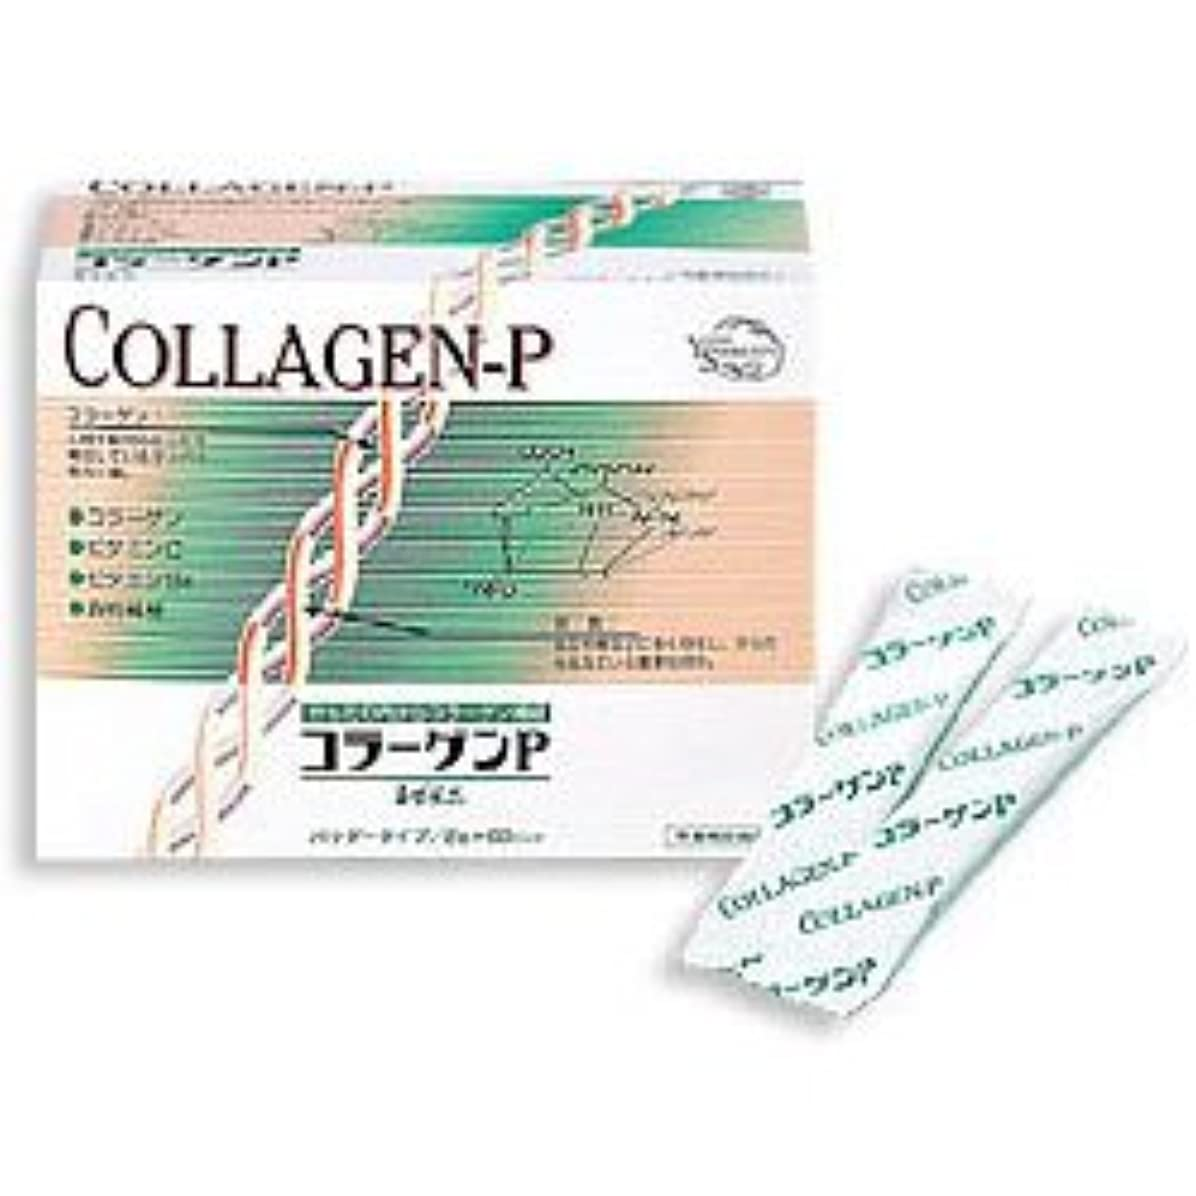 によって本土セクタ【全薬工業】「養生」食品 コラーゲンP 2g×60パック ×5個セット